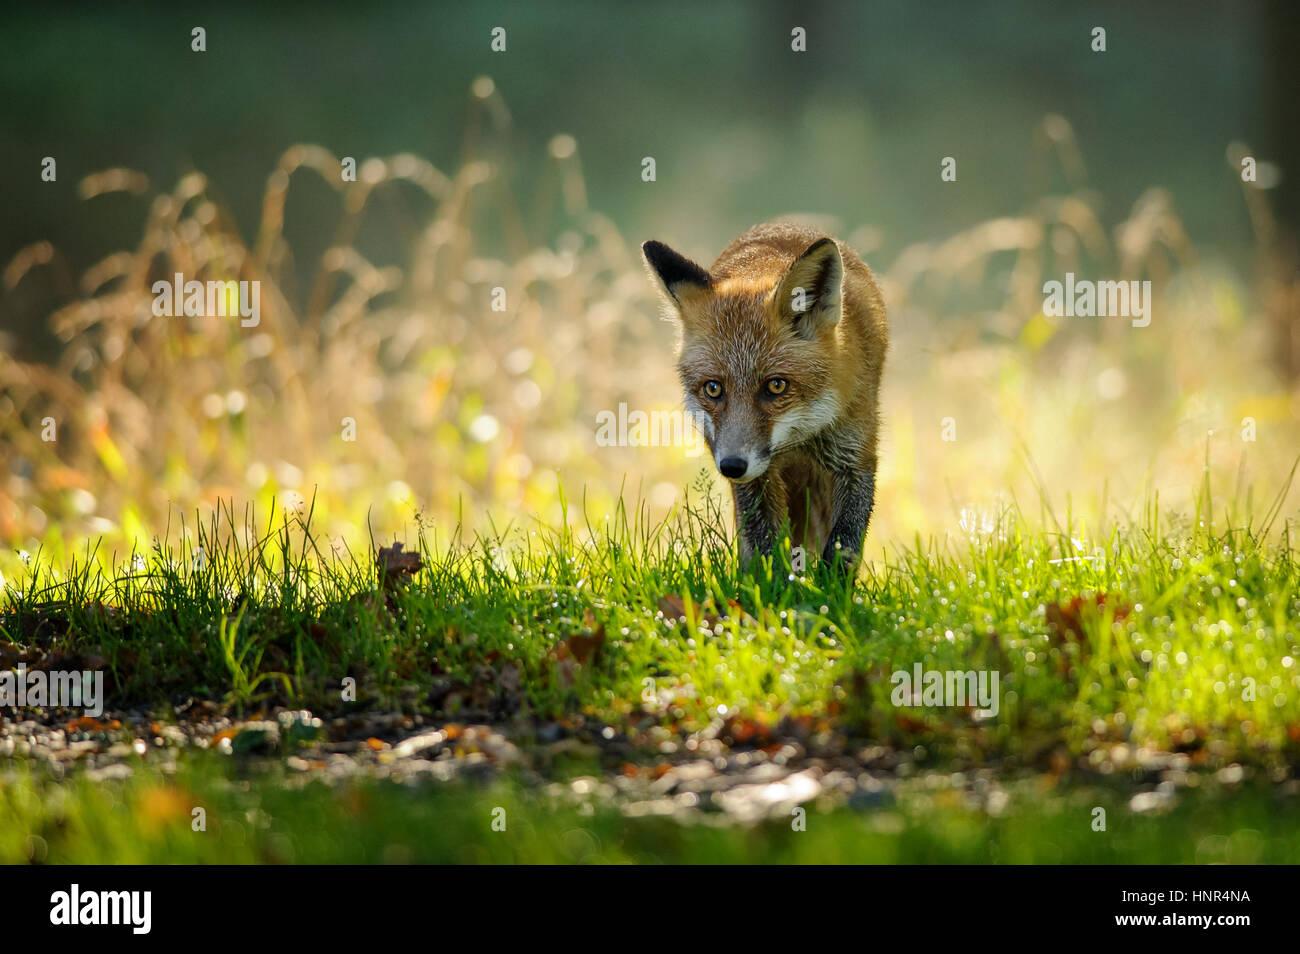 Red Fox a piedi dalla vista frontale in autunno in controluce colorfull verde e yello erba Immagini Stock